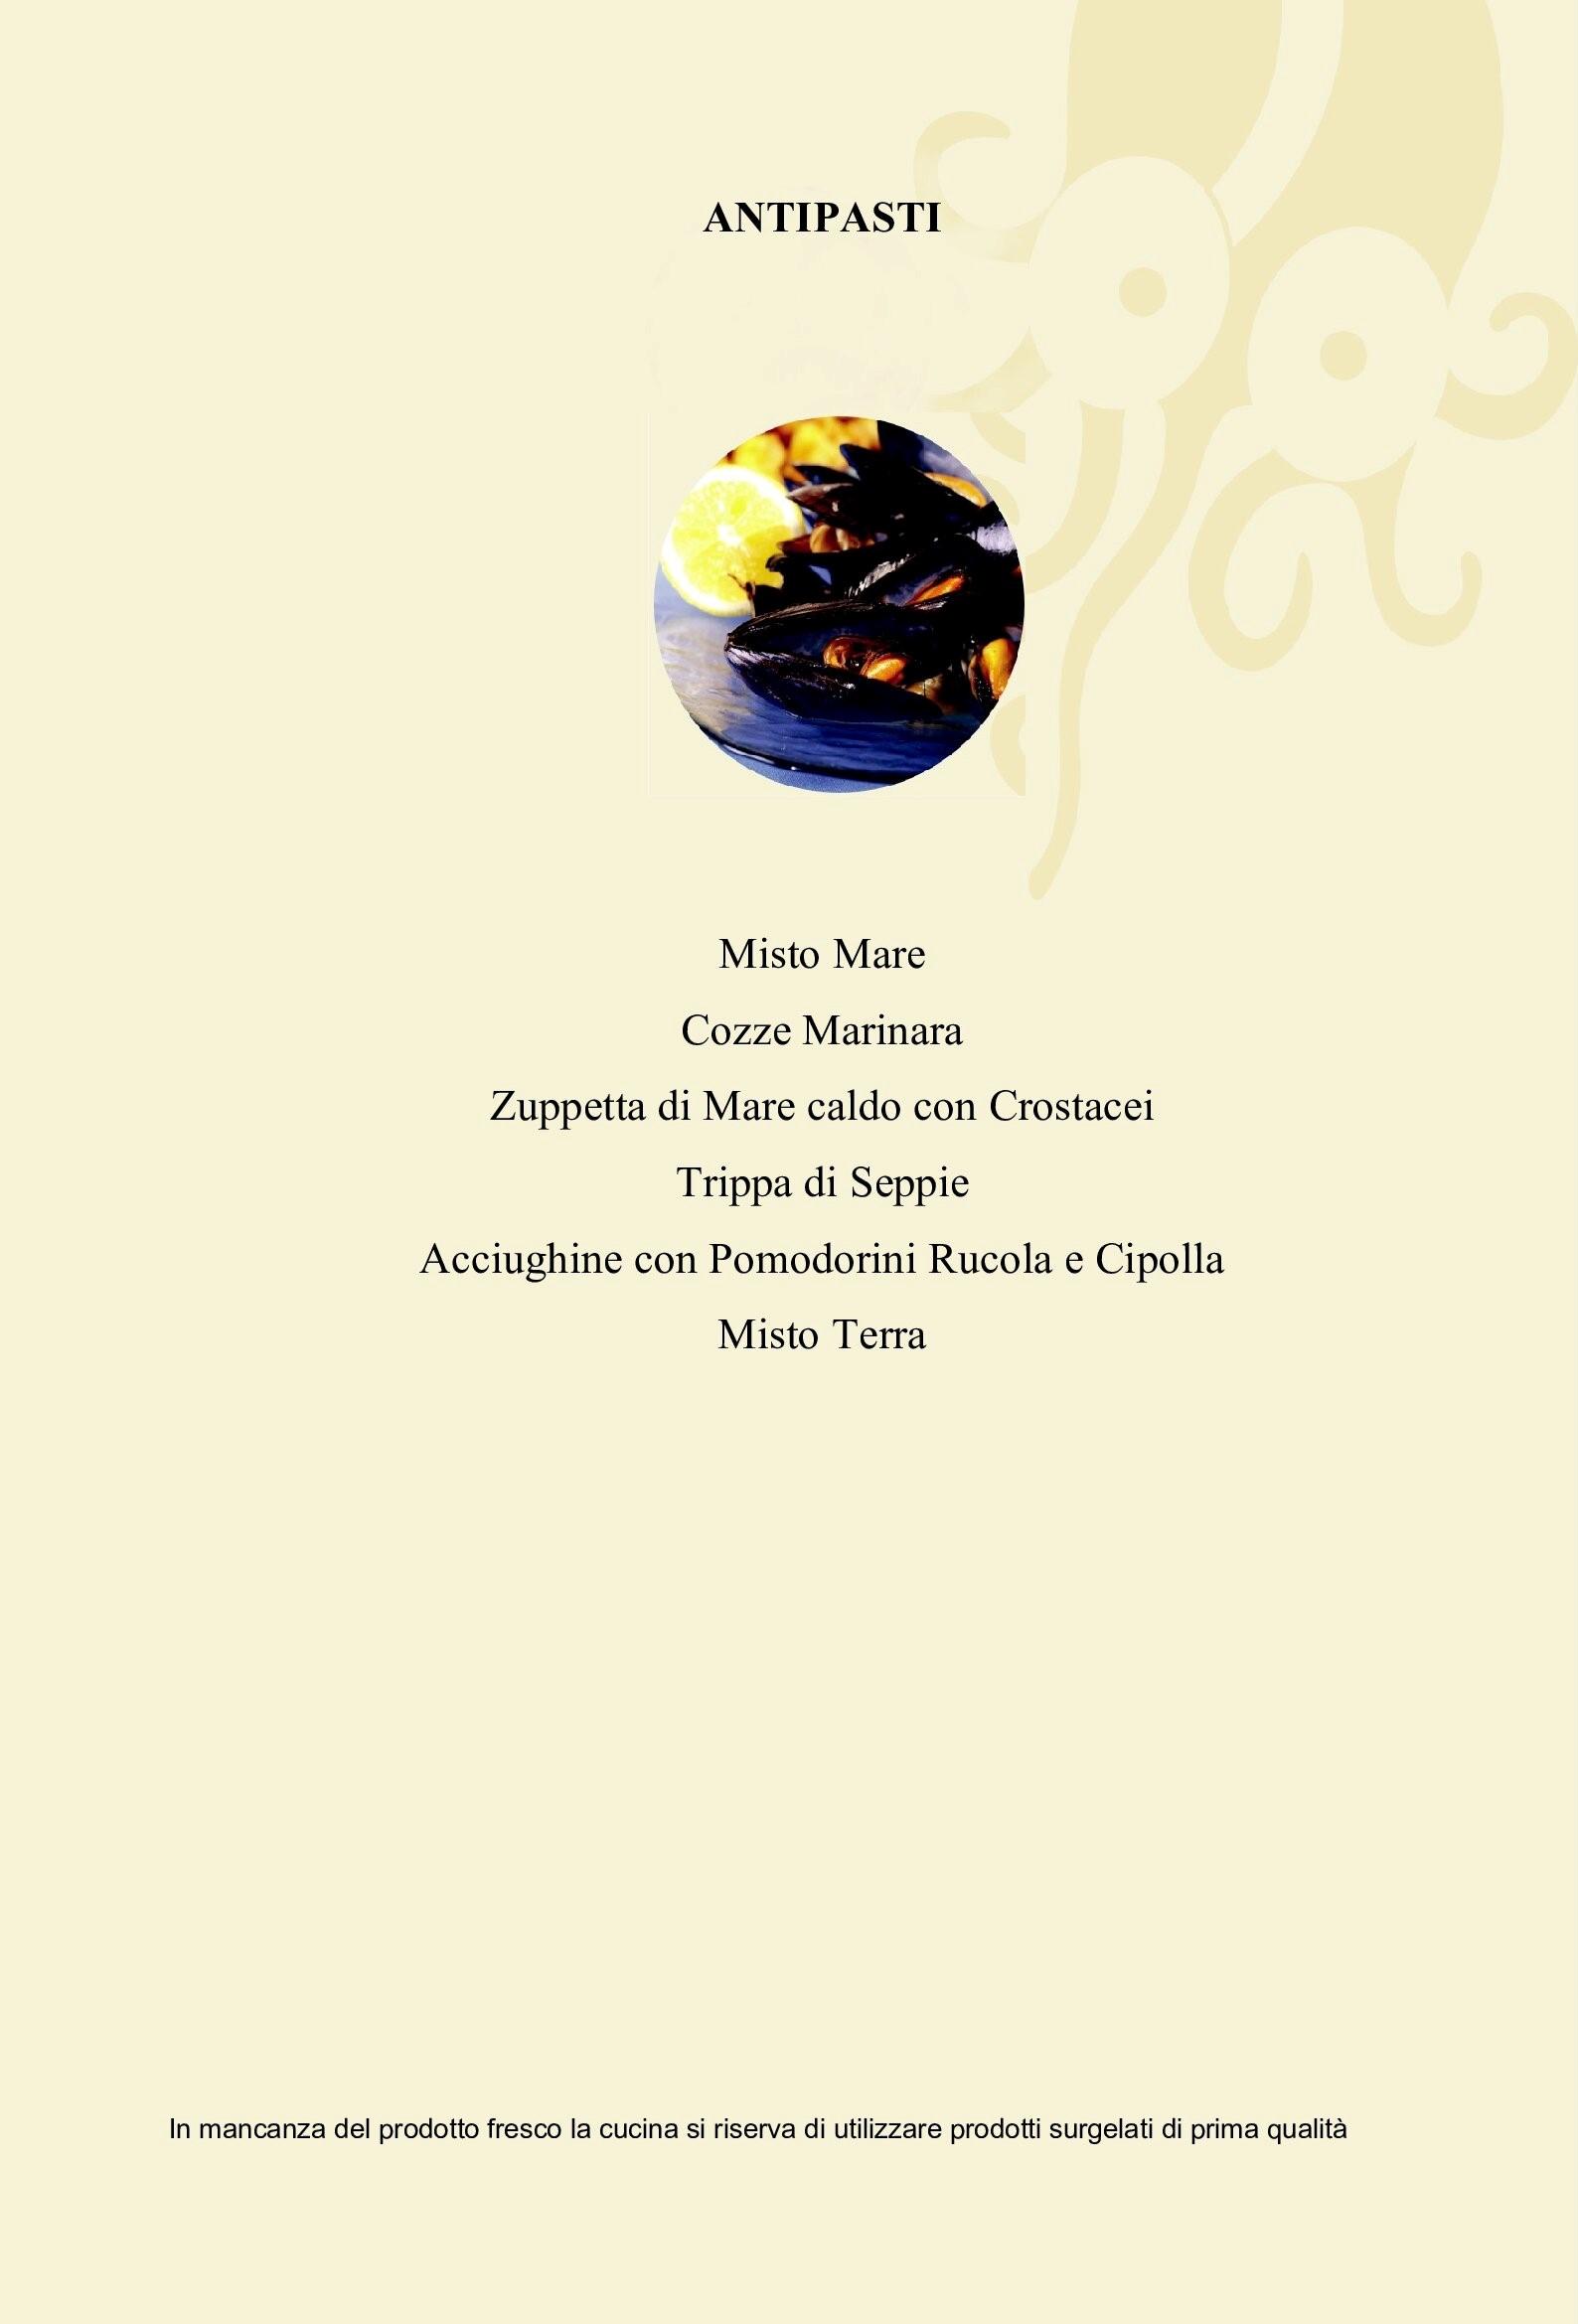 antipasti Misto Mare Cozze Marinara Zuppetta di Mare caldo con Crostacei Trippa di Seppie Acciughine  Misto Terra